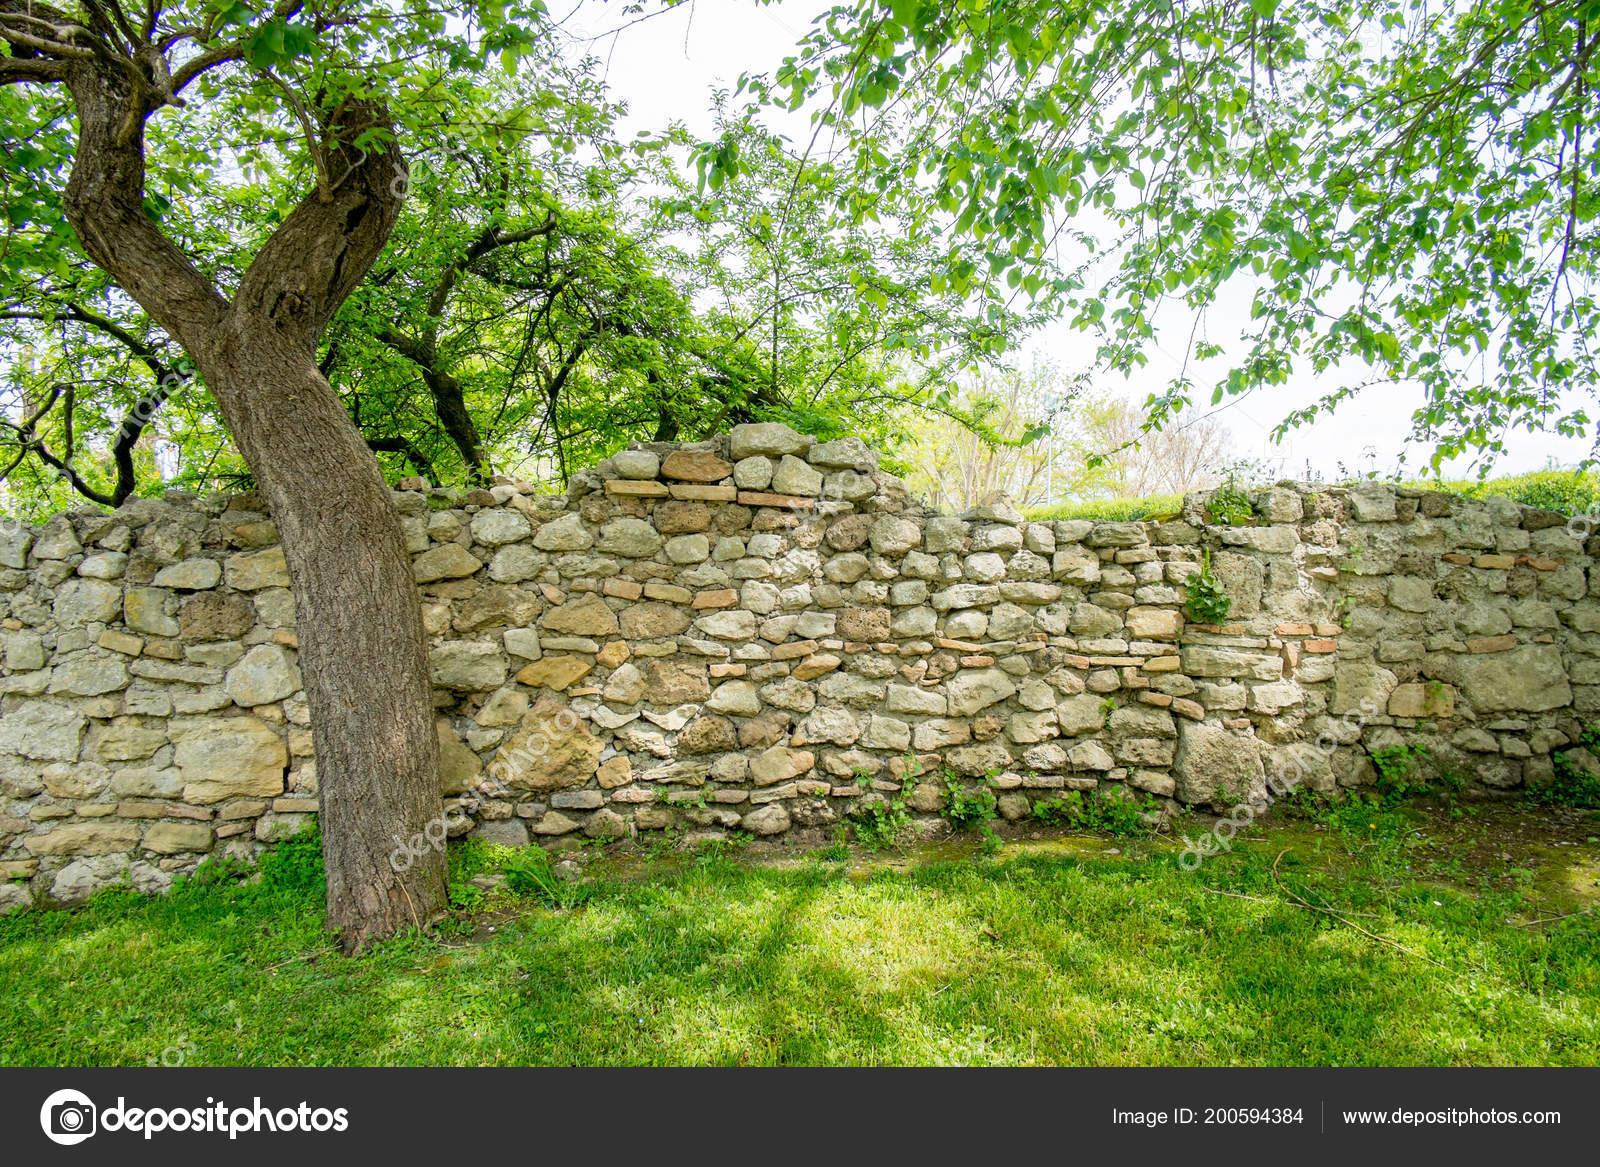 Baum Mit Blattern Der Natur Mit Gras Und Stein Wand Stockfoto